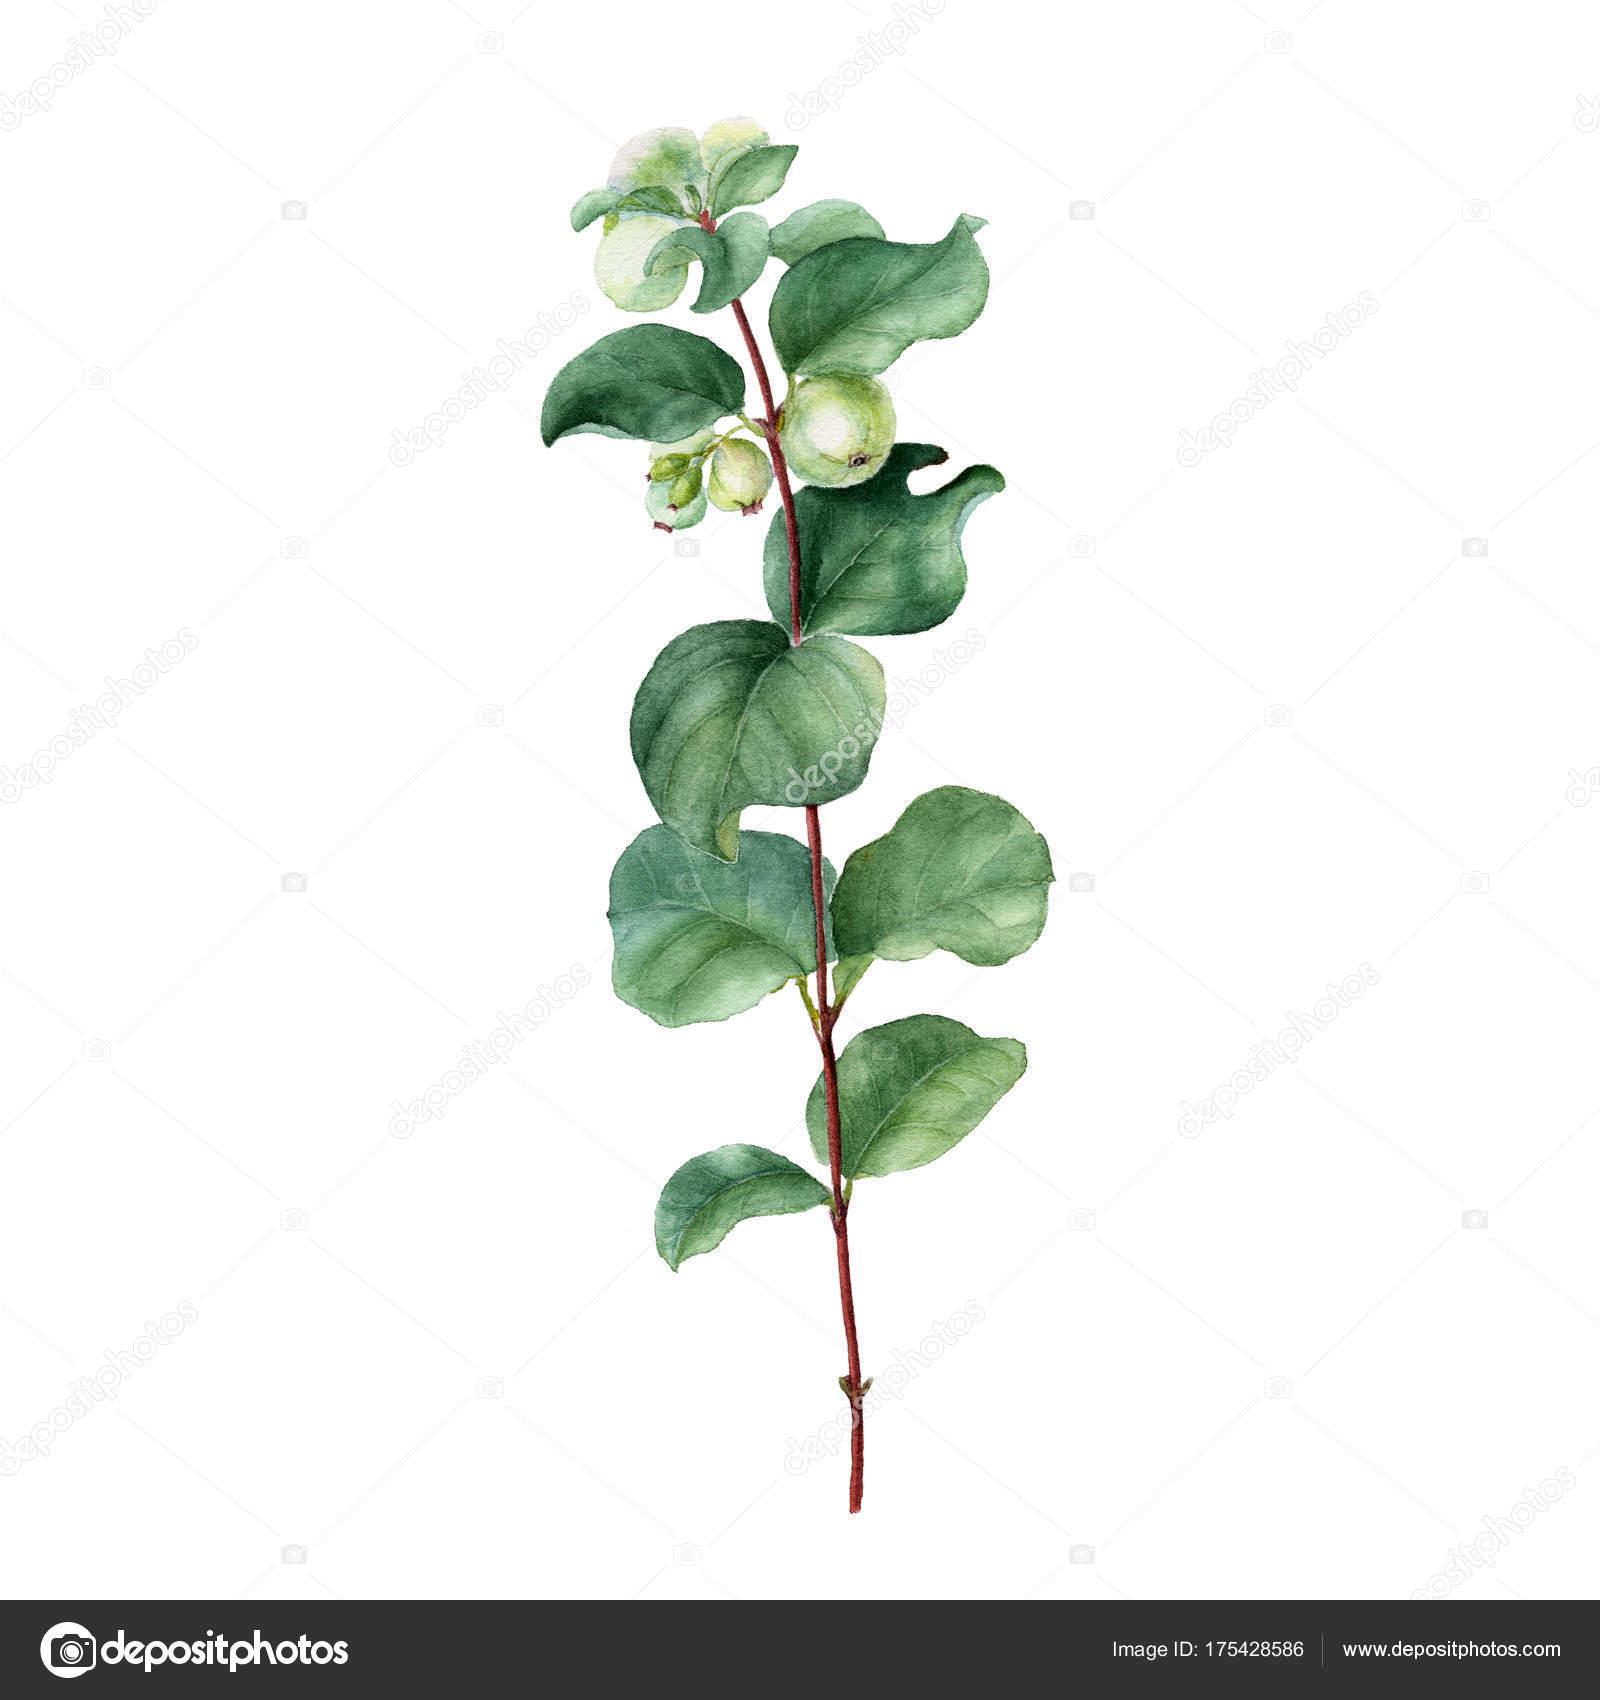 Aquarell Winter Stil Pflanze. Handgezeichnete botanischen isoliert ...